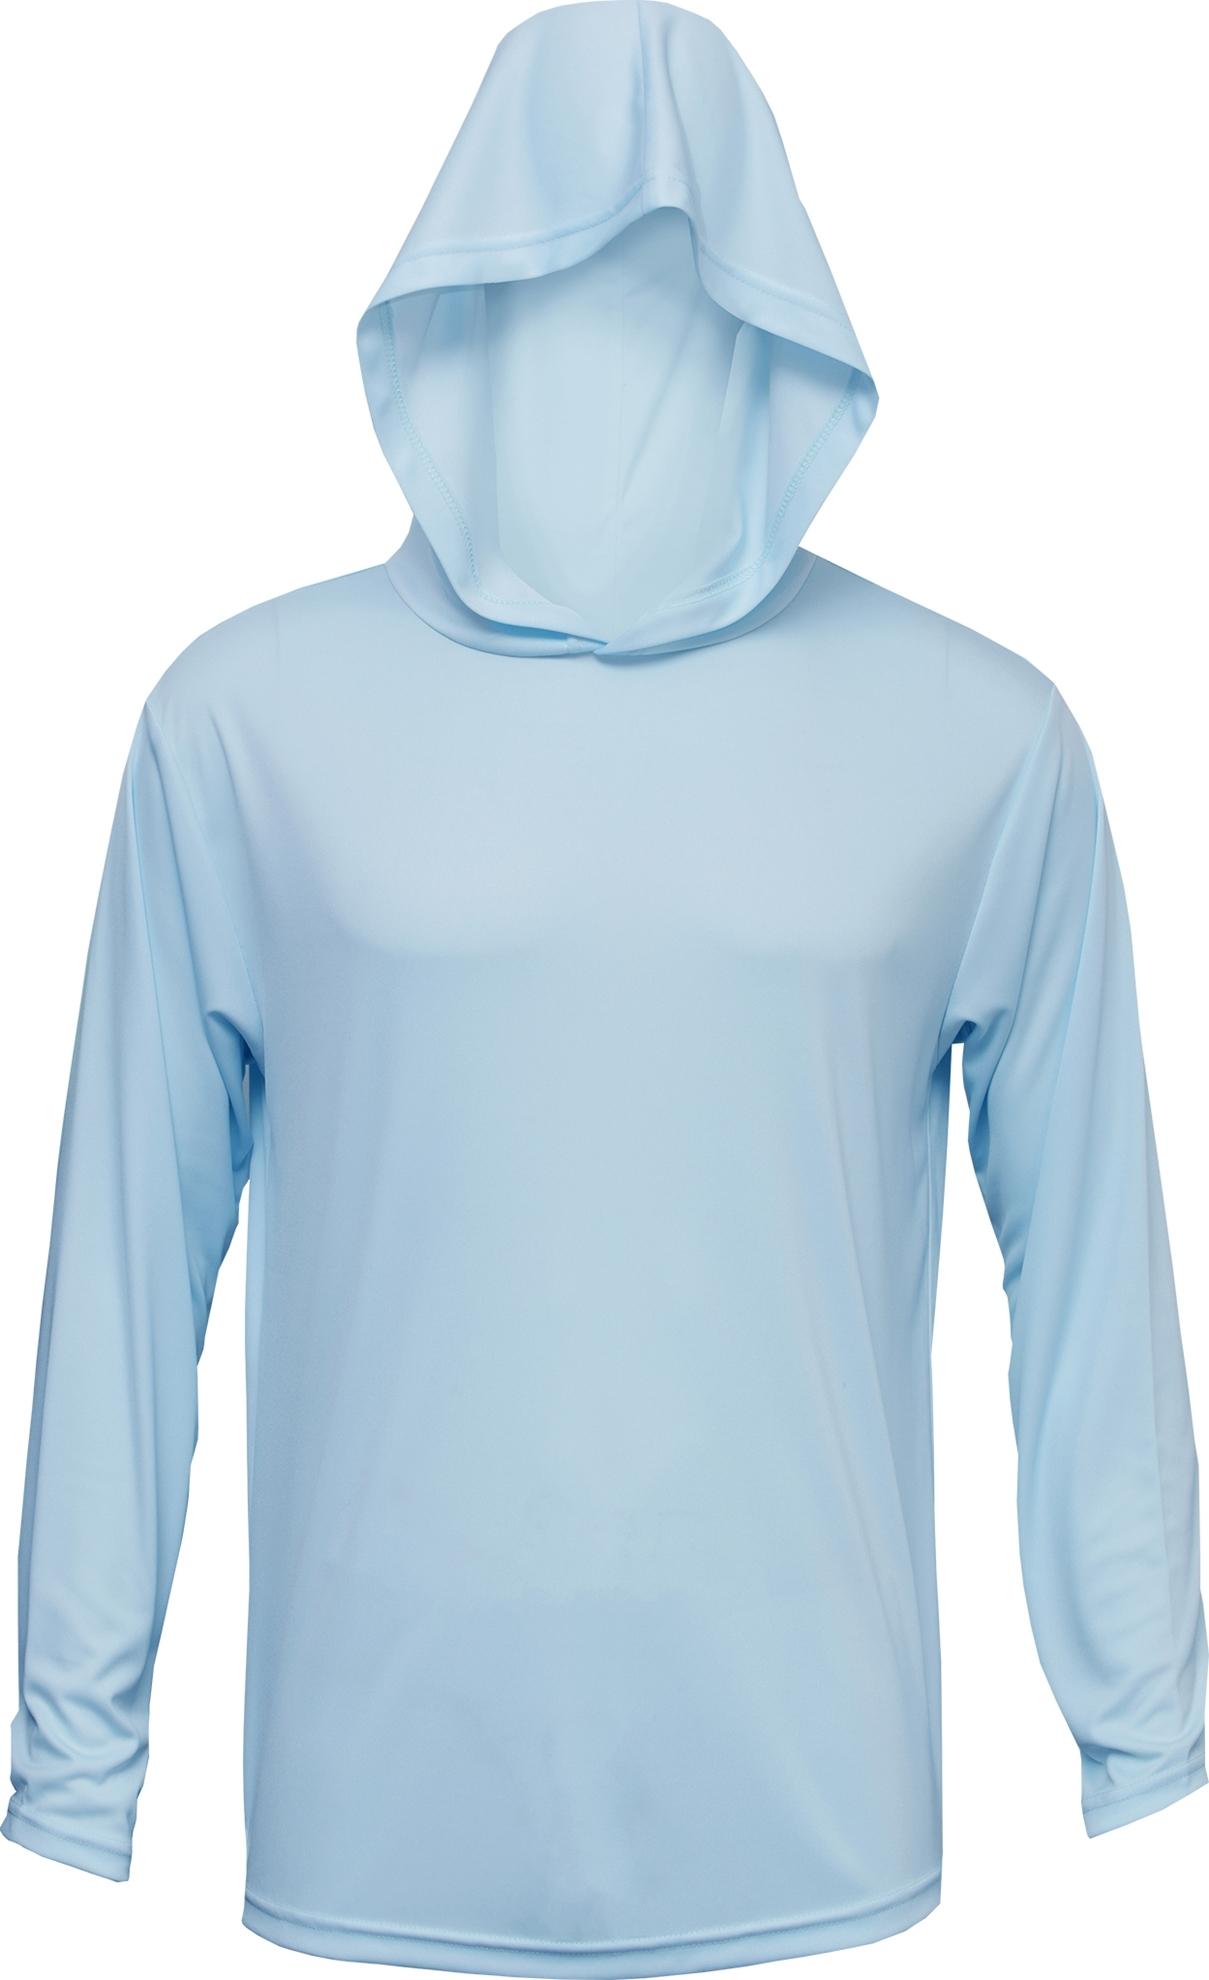 BAW Athletic Wear XT106 - Adult Xtreme-Tek Long Sleeve Hood